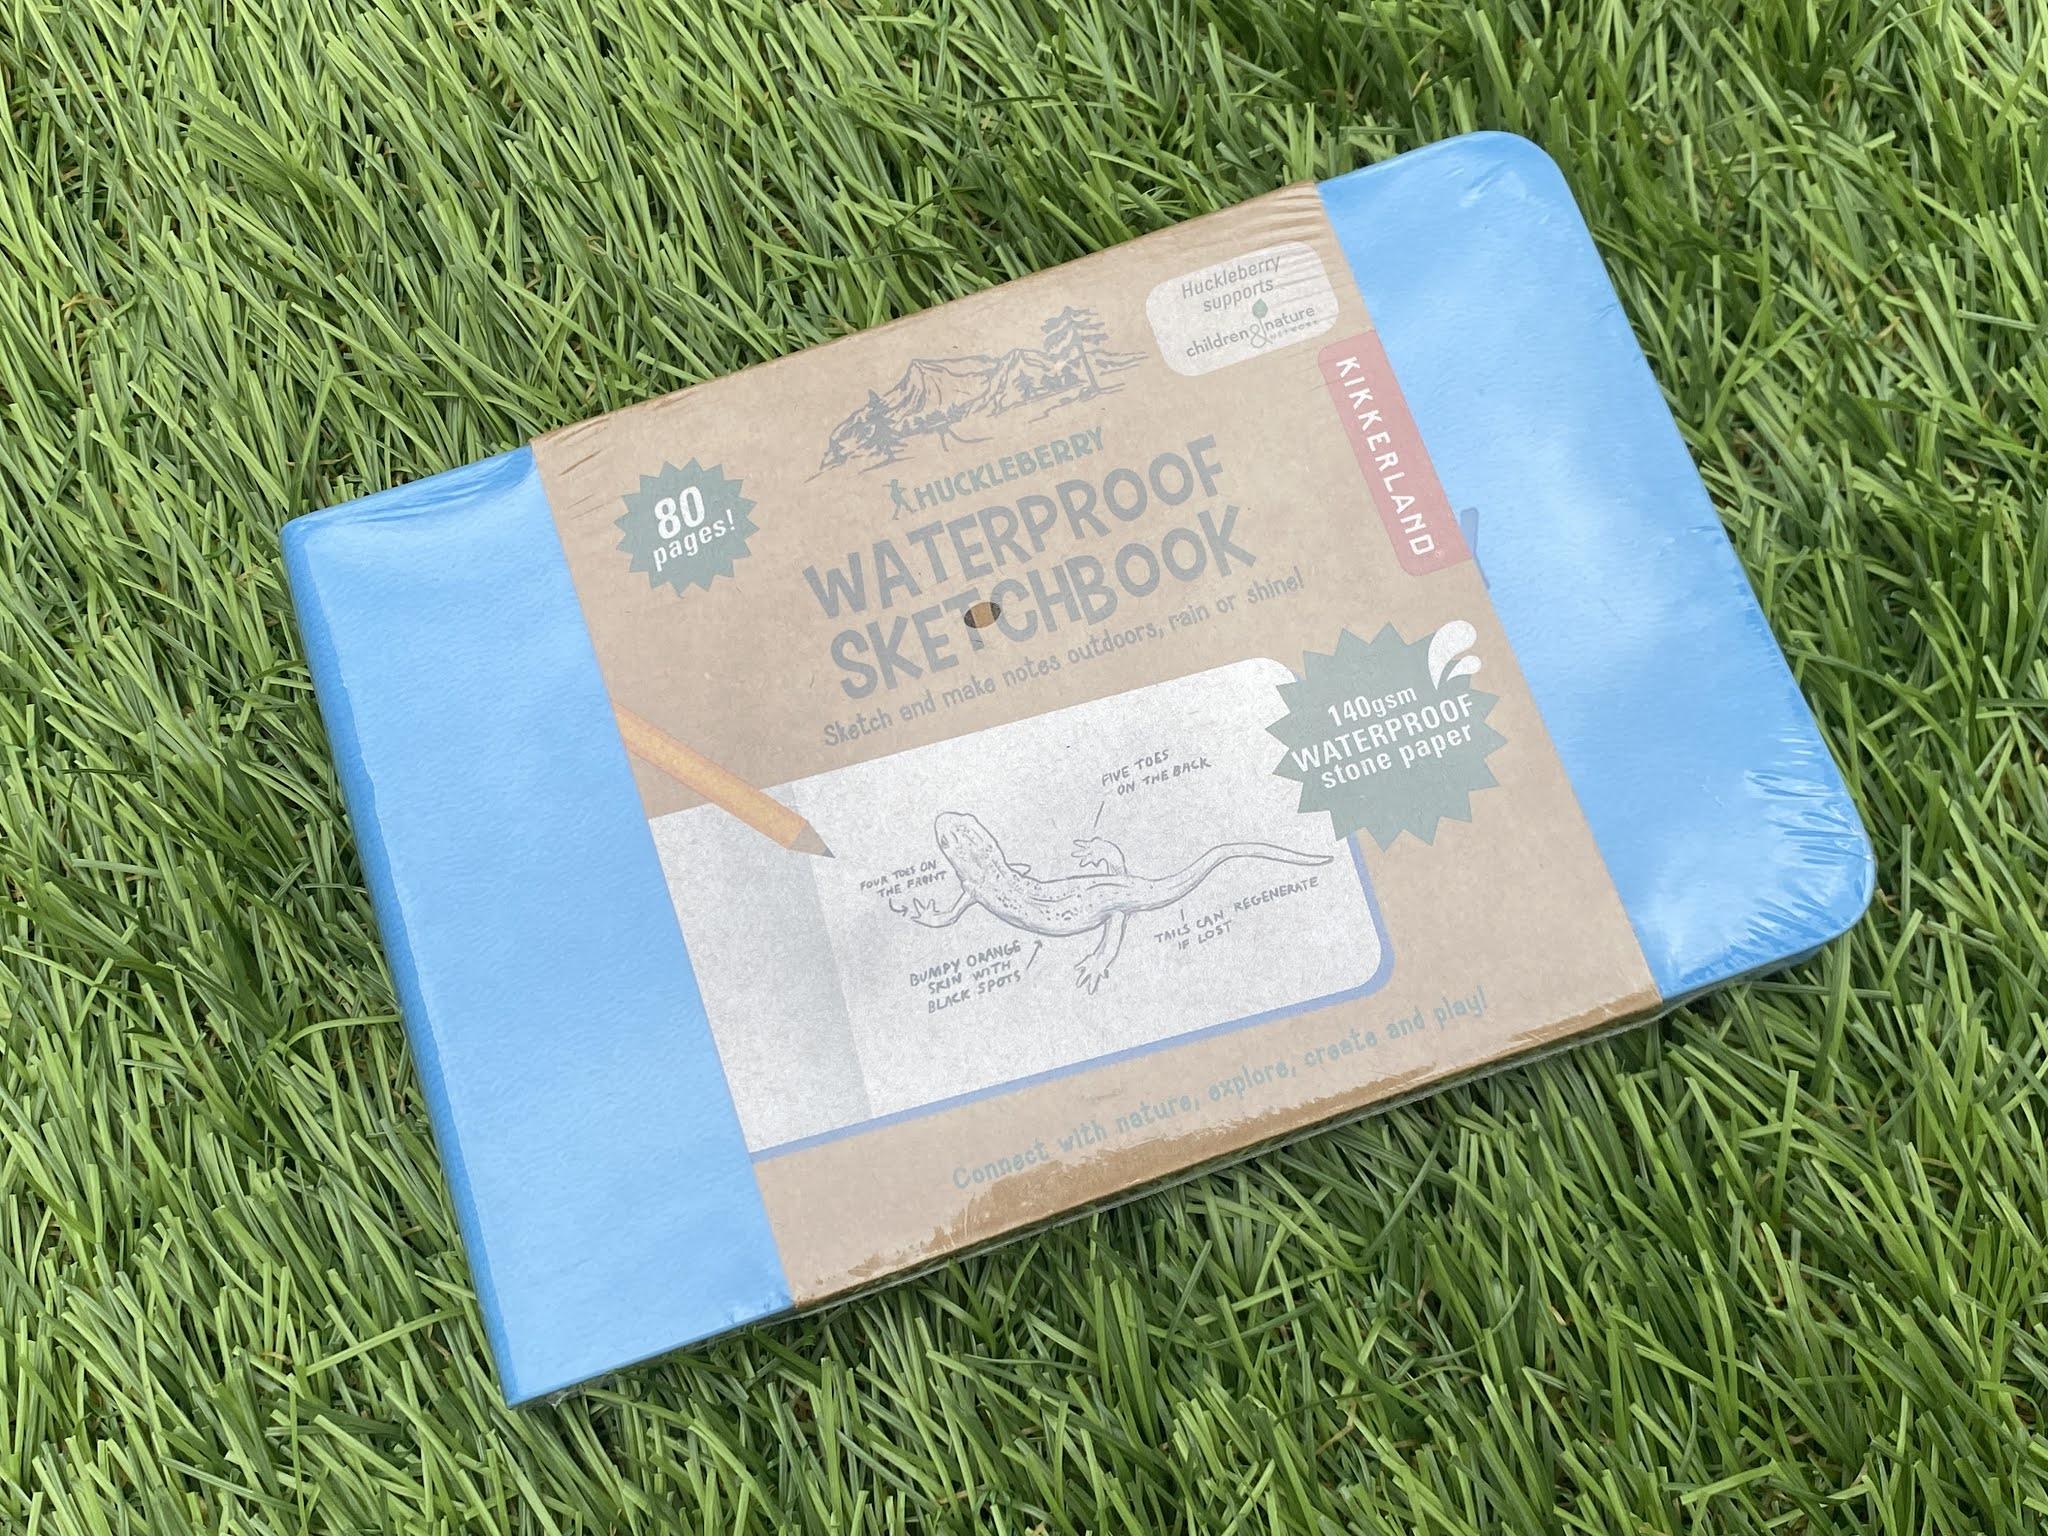 waterproof sketch book